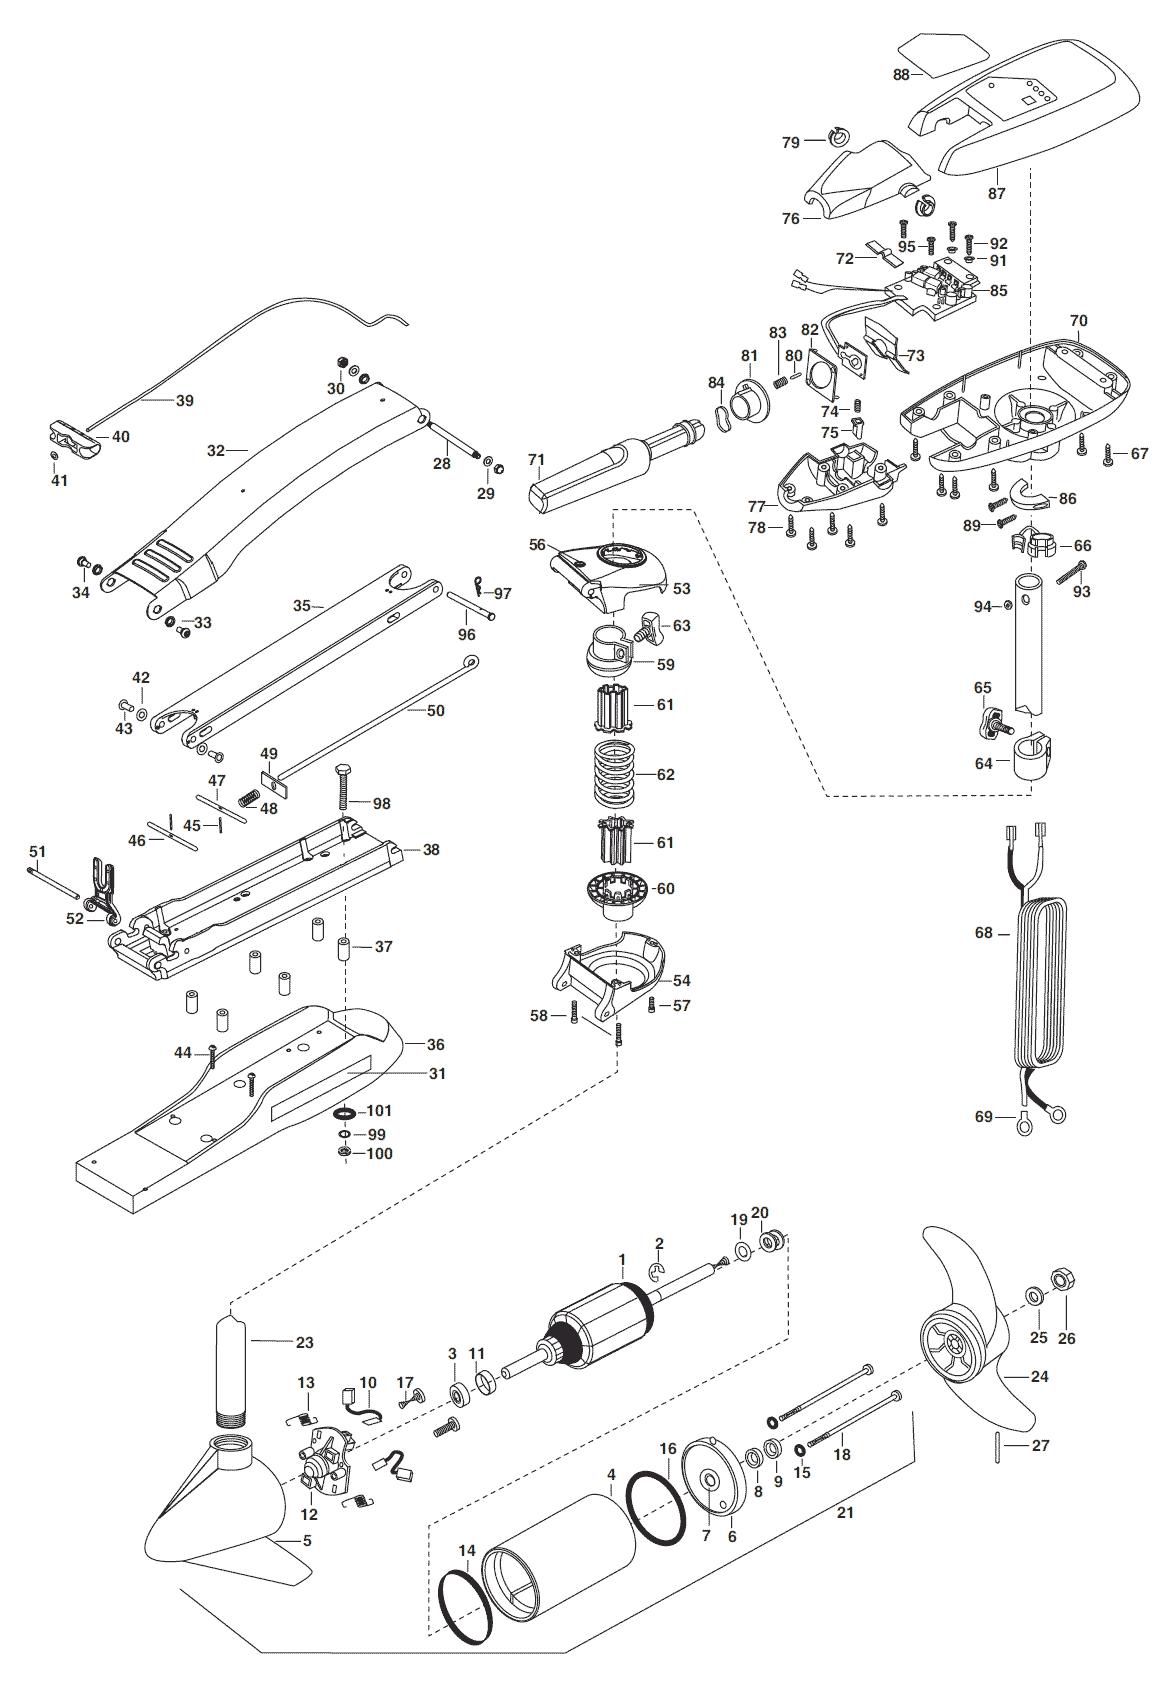 minn kota maxxum 55 hand control parts